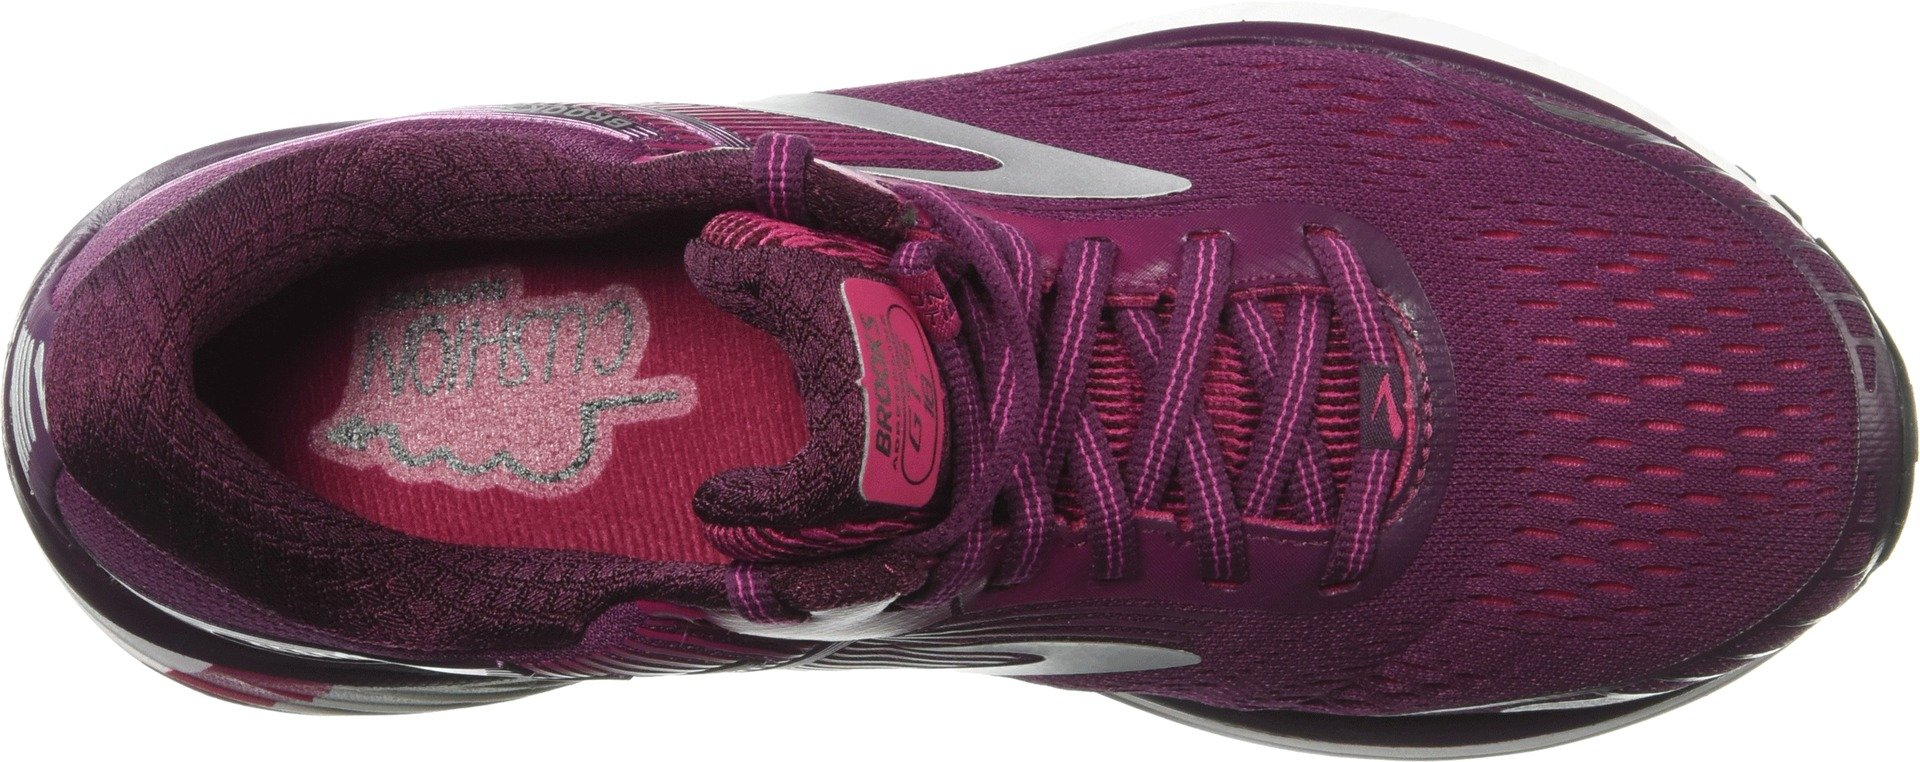 Brooks Women's Adrenaline GTS 18 Purple/Pink/Silver 5 B US by Brooks (Image #2)